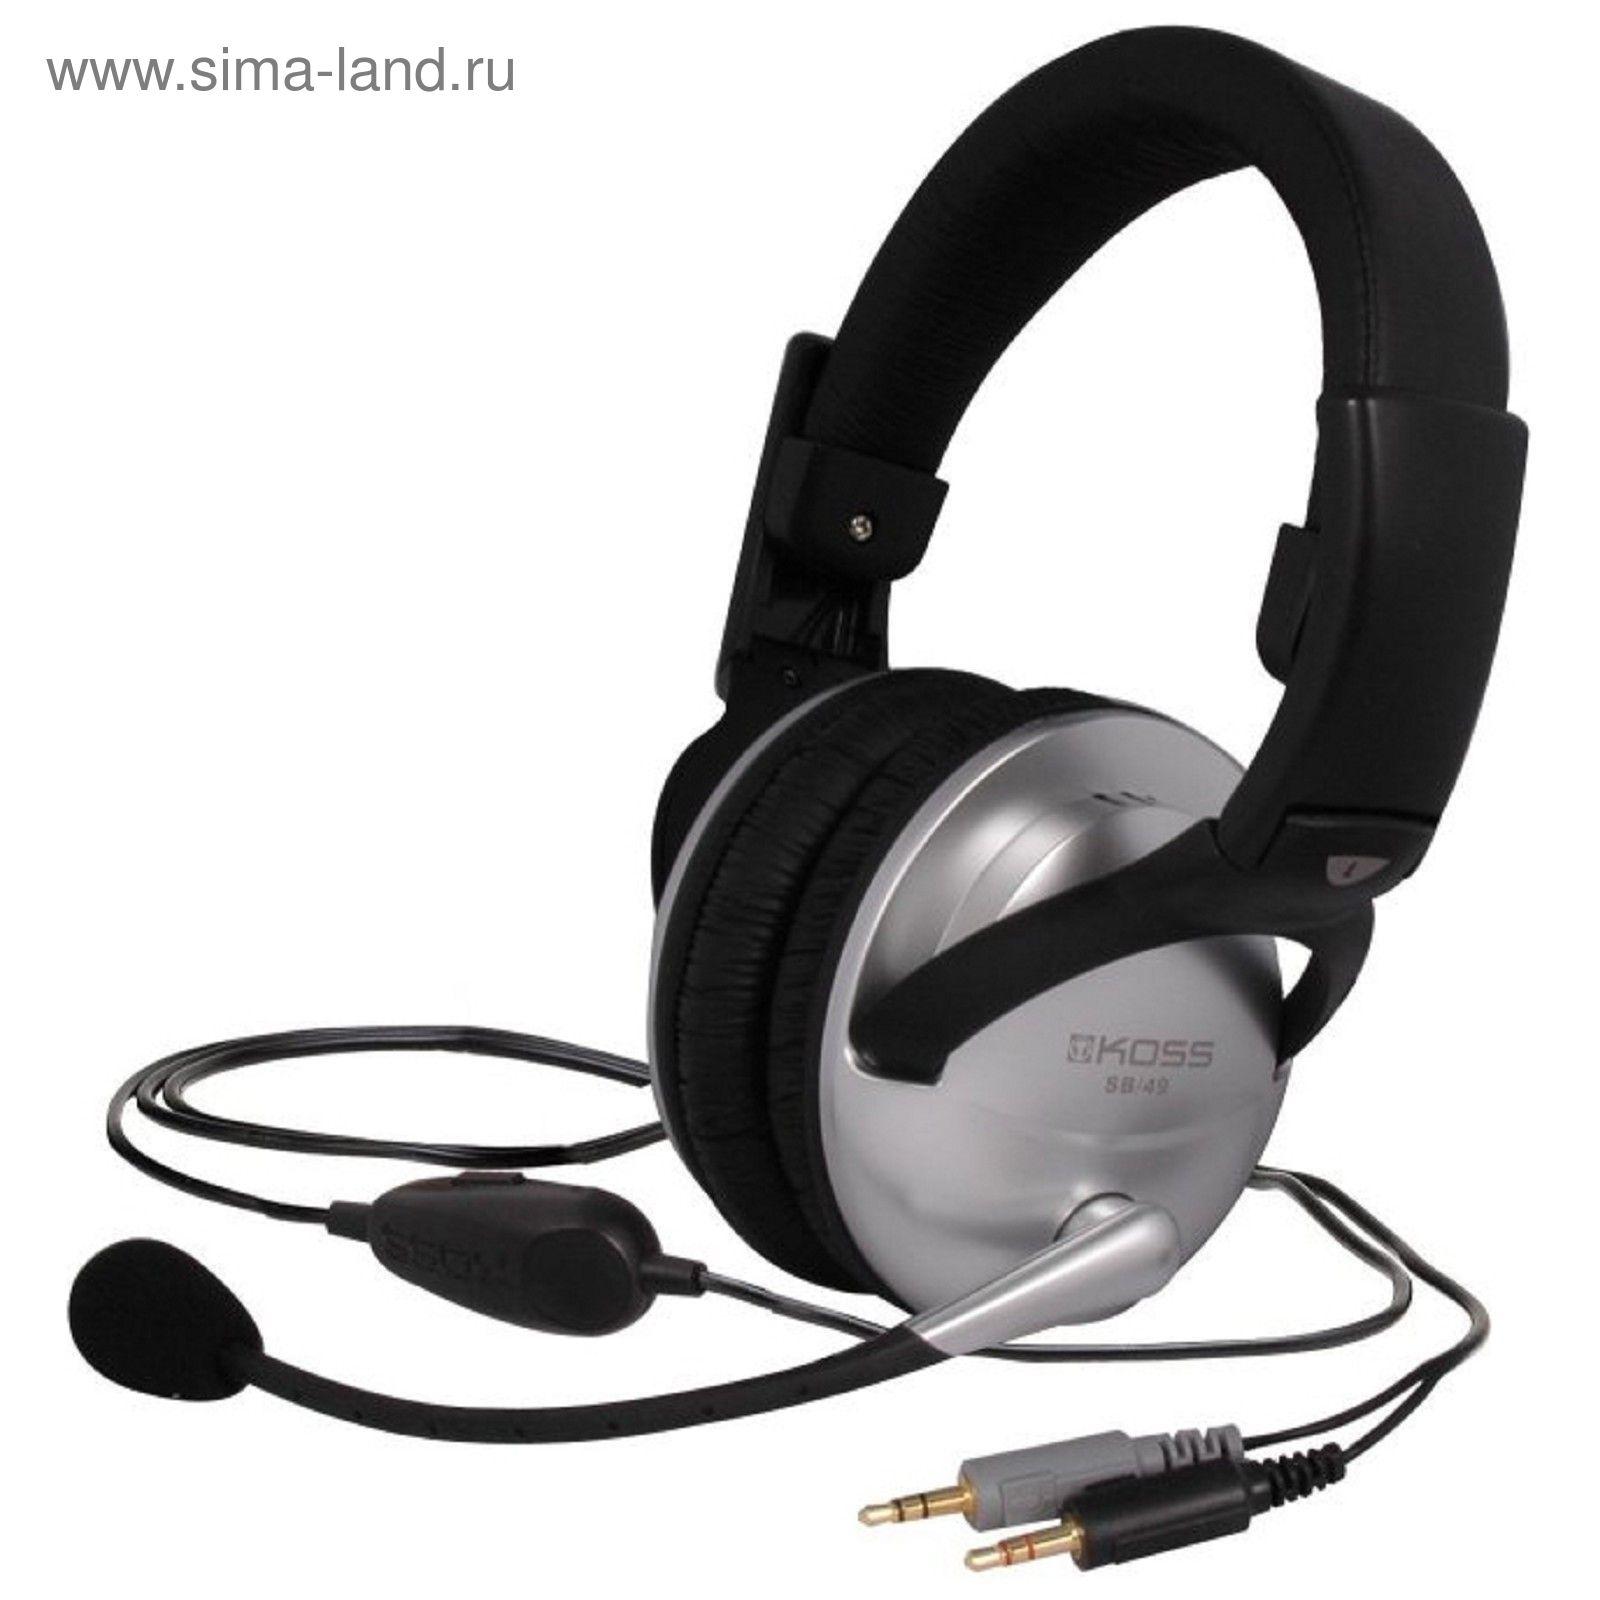 Наушники с микрофоном KOSS SB-49 7d5e7ec5bd804